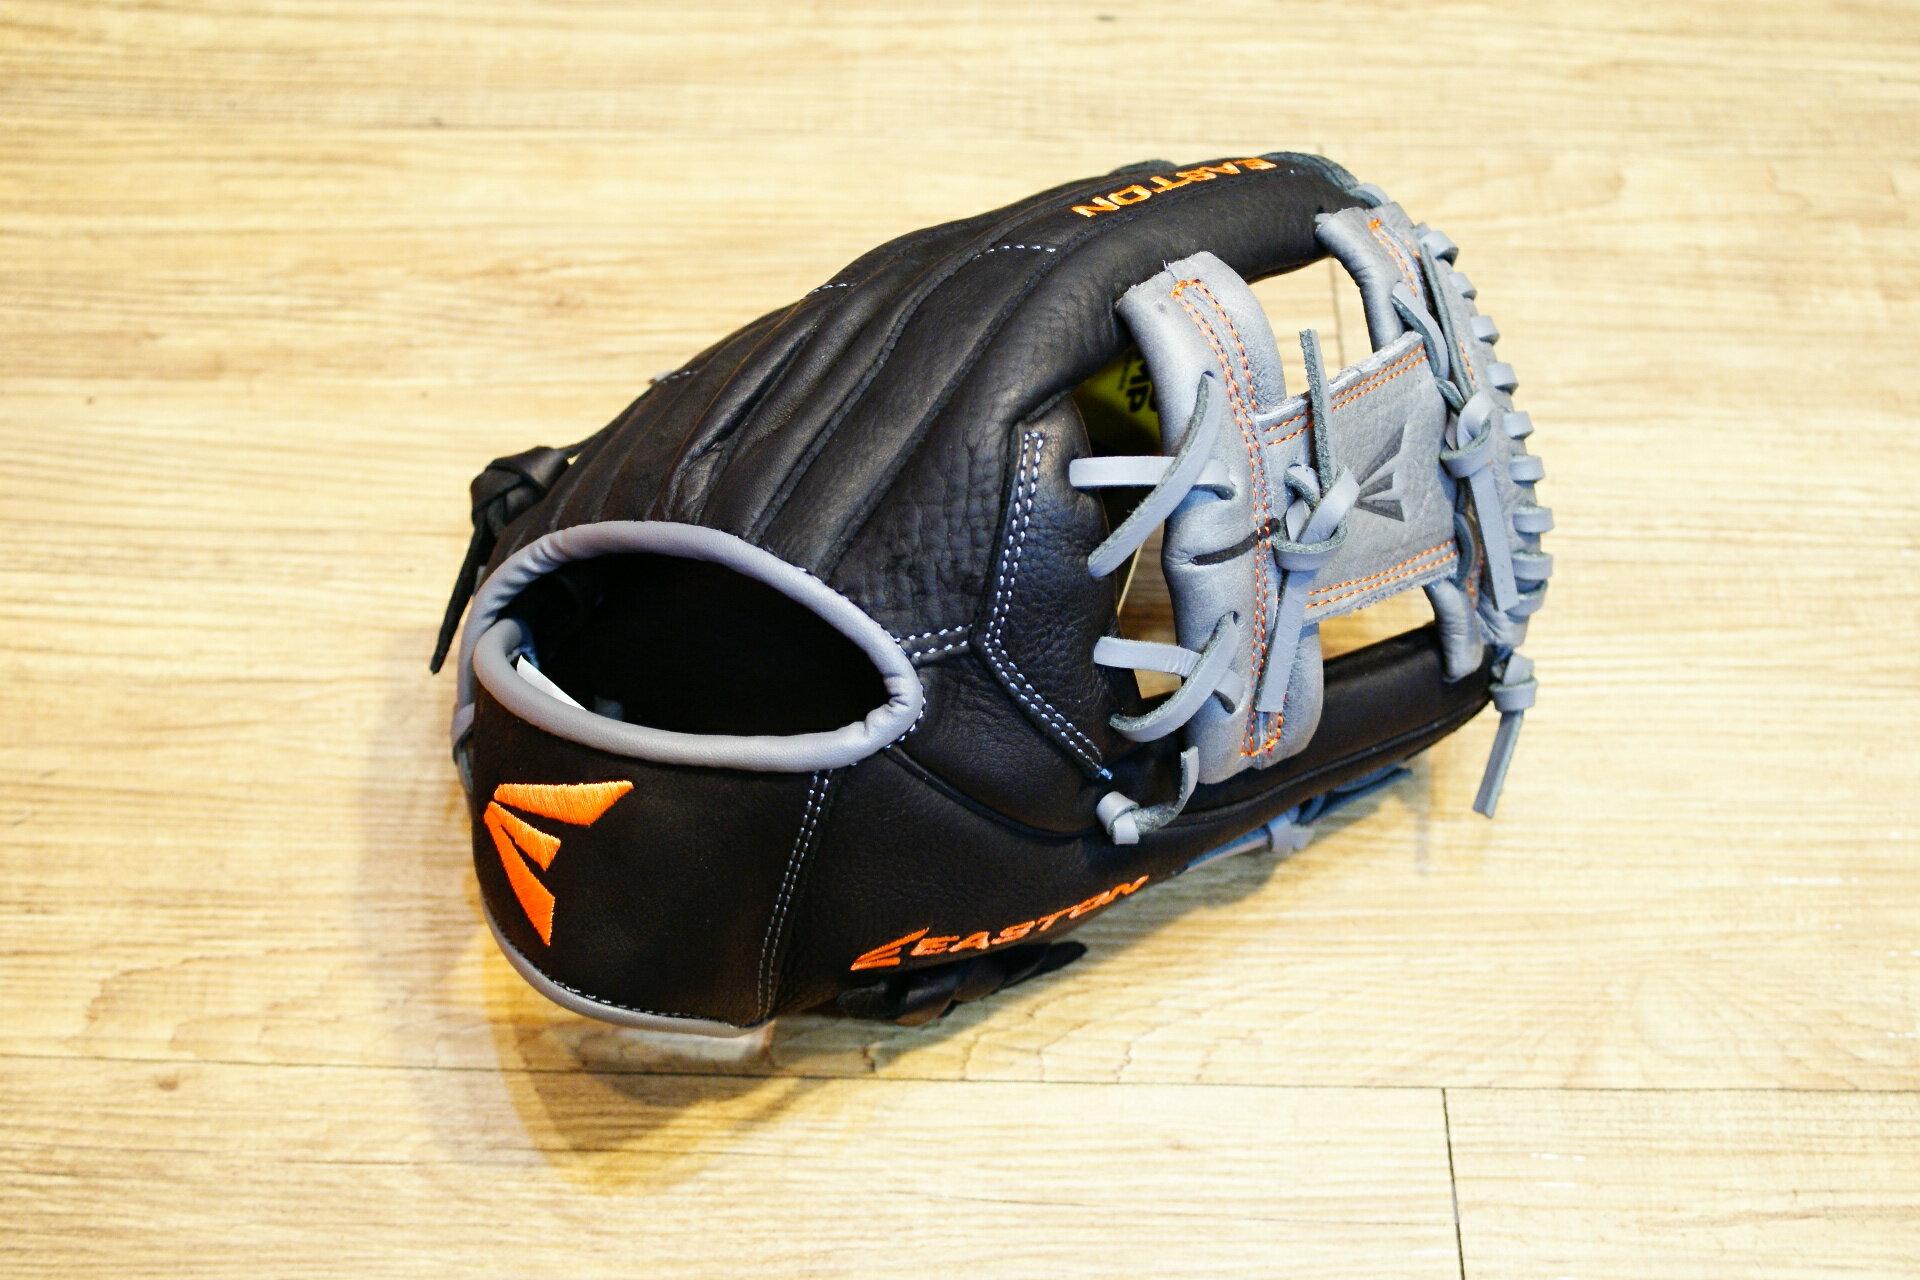 棒球世界 全新16年EASTON 美國進口牛皮內野手工字手套 特價 黑灰配色